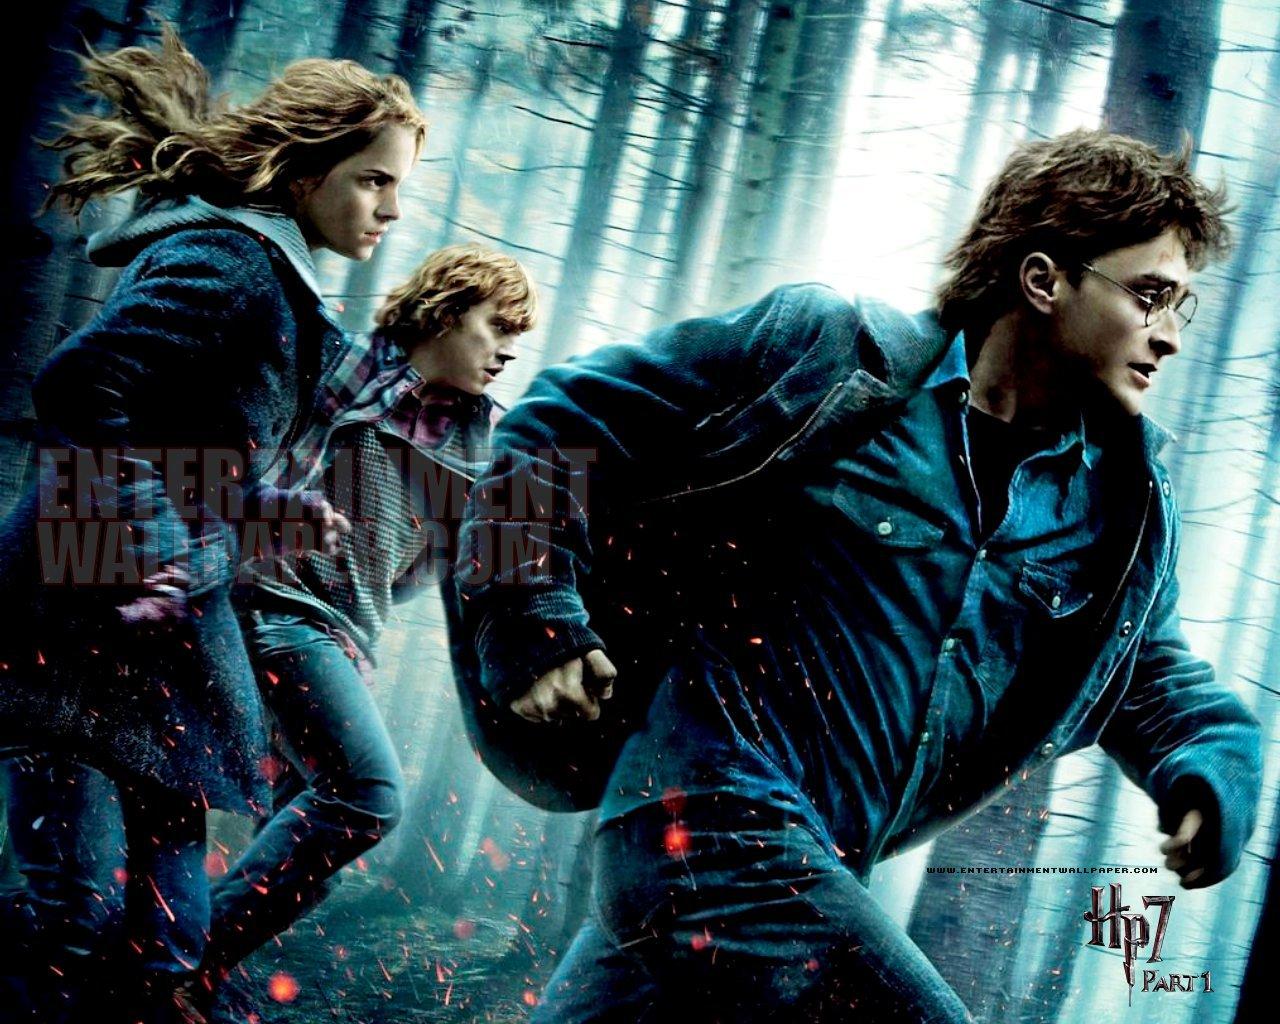 Rindy Lynchs Blog Isi Novel Harry Potter And The Deathly Hallows Soft Cover Dan Relikui Kematian Jk Rowling Setelah Diberitakan Bahwa Voldemort Telah Berhasil Mengambil Alih Kementerian Sihir Ron Hermione Kemudian Bersembunyi Di Grimmauld Place Nomor